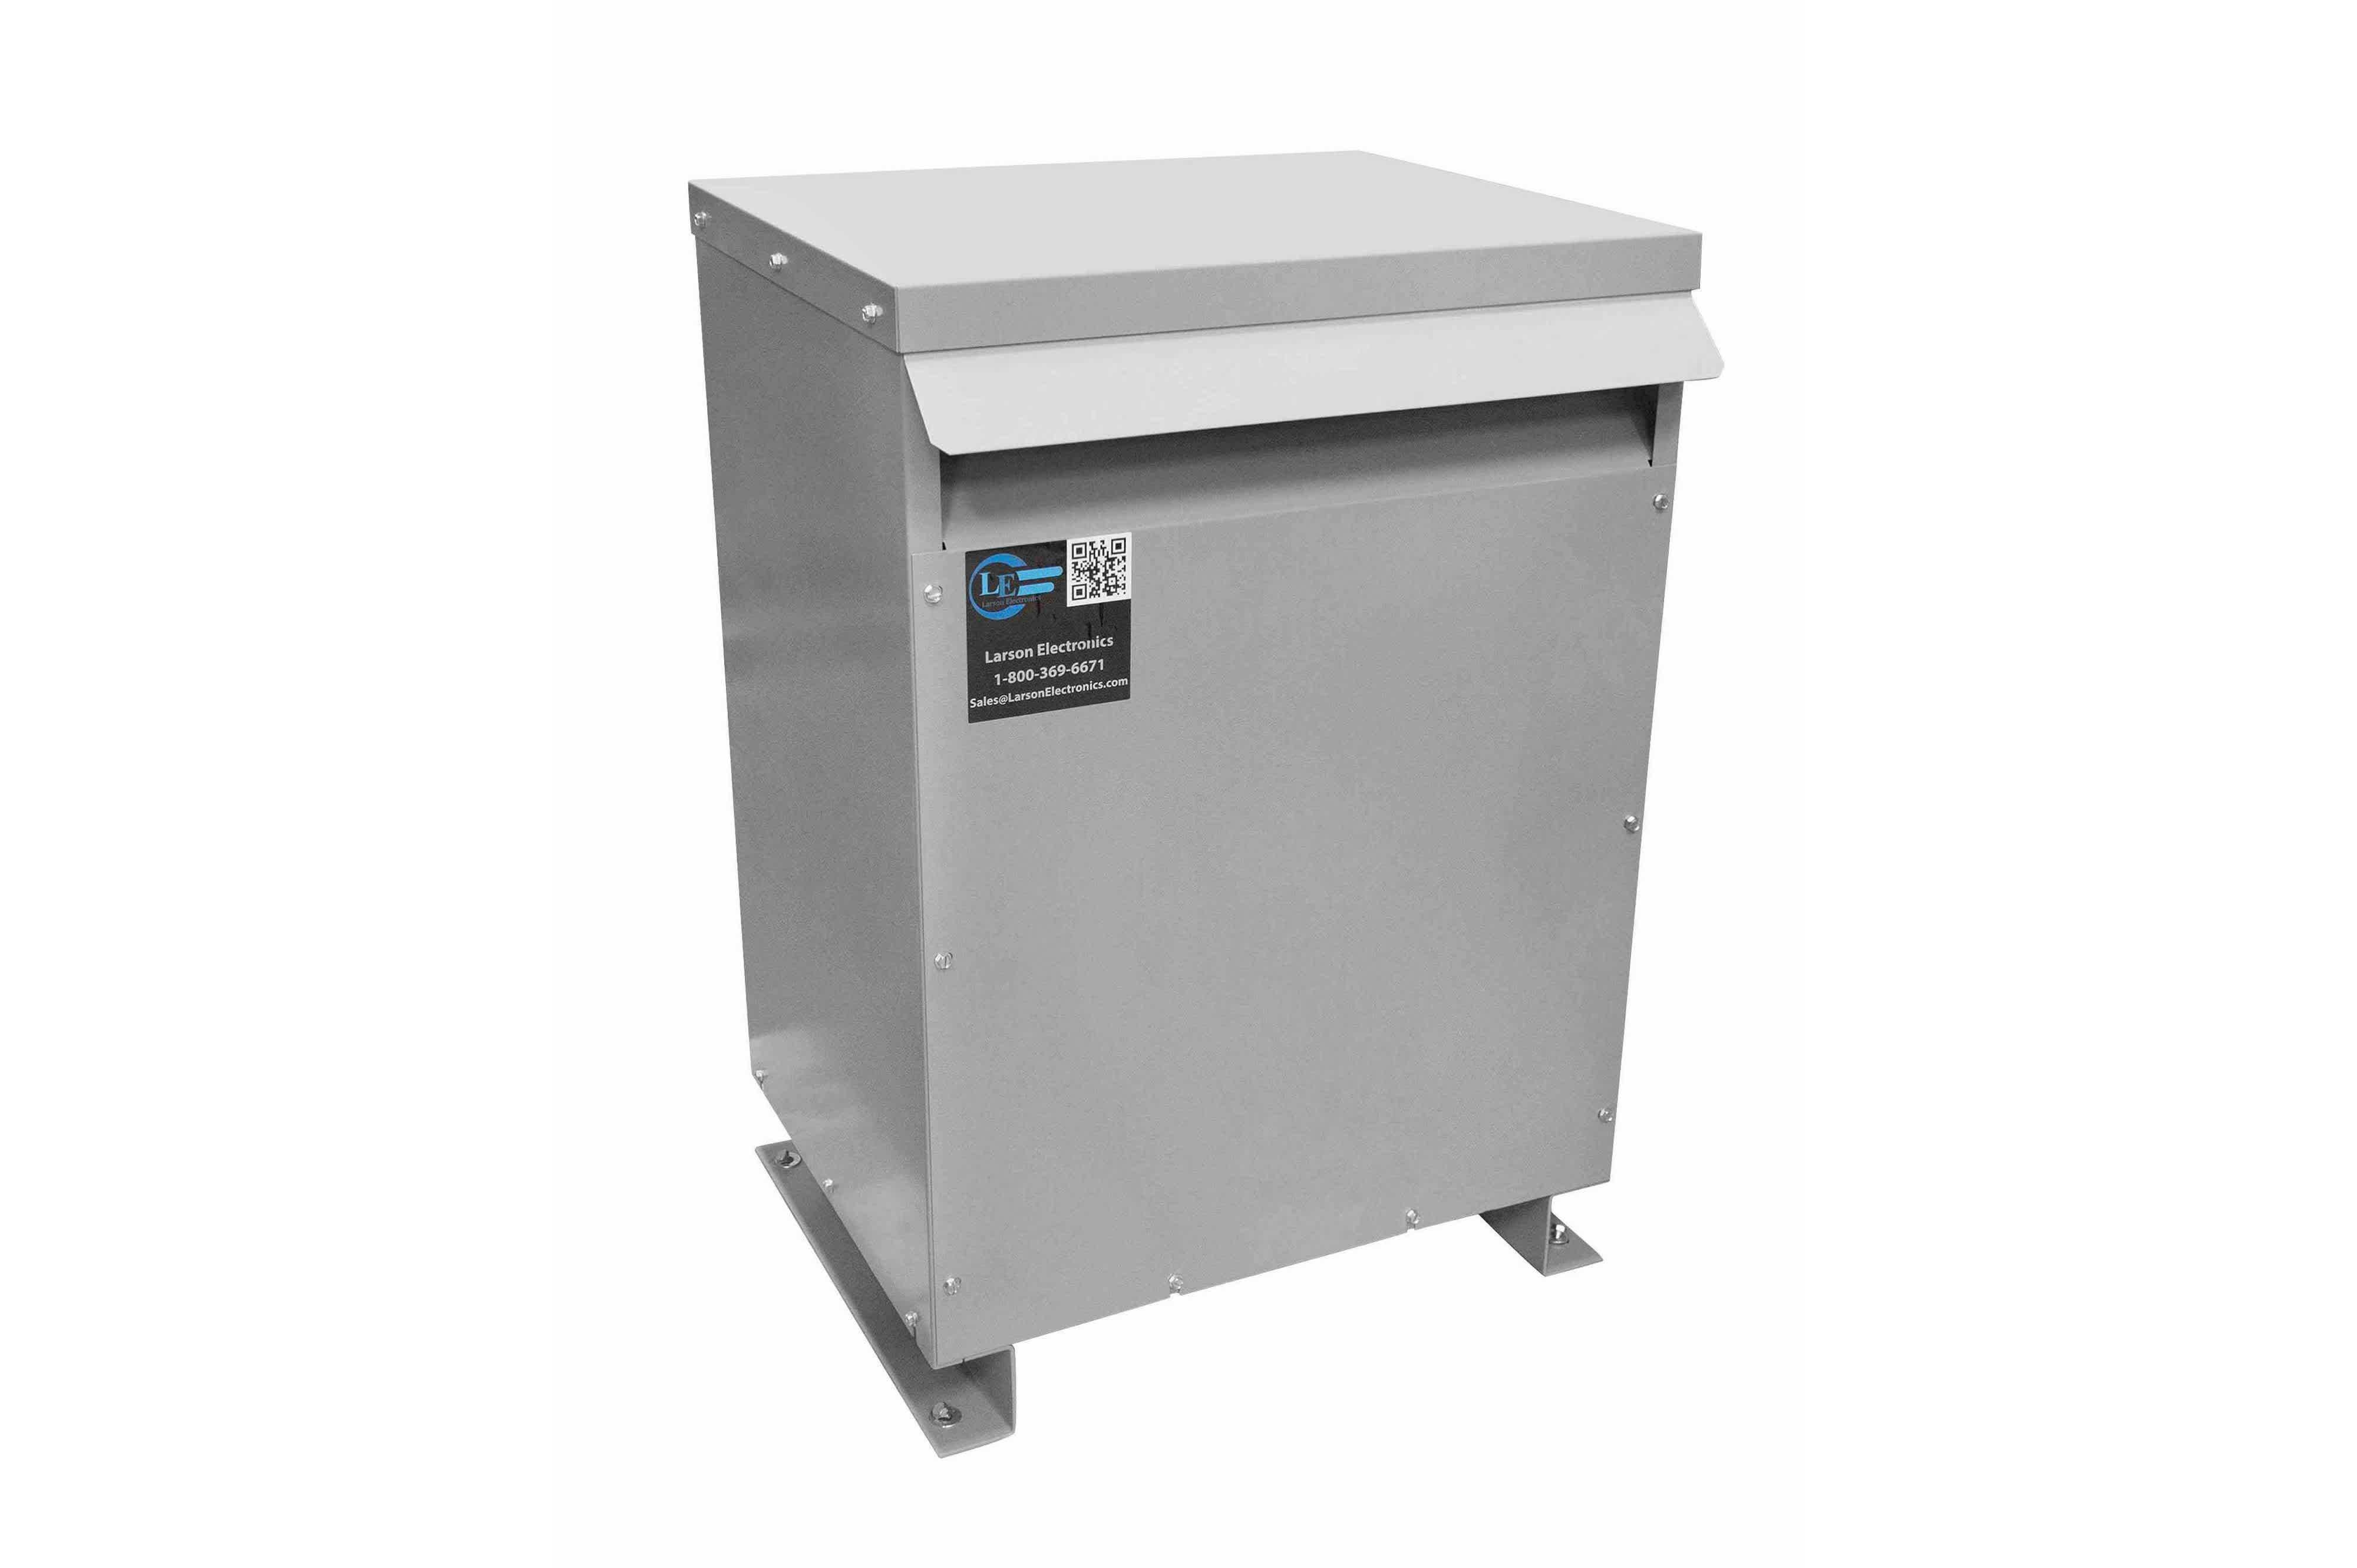 9 kVA 3PH Isolation Transformer, 400V Delta Primary, 208V Delta Secondary, N3R, Ventilated, 60 Hz